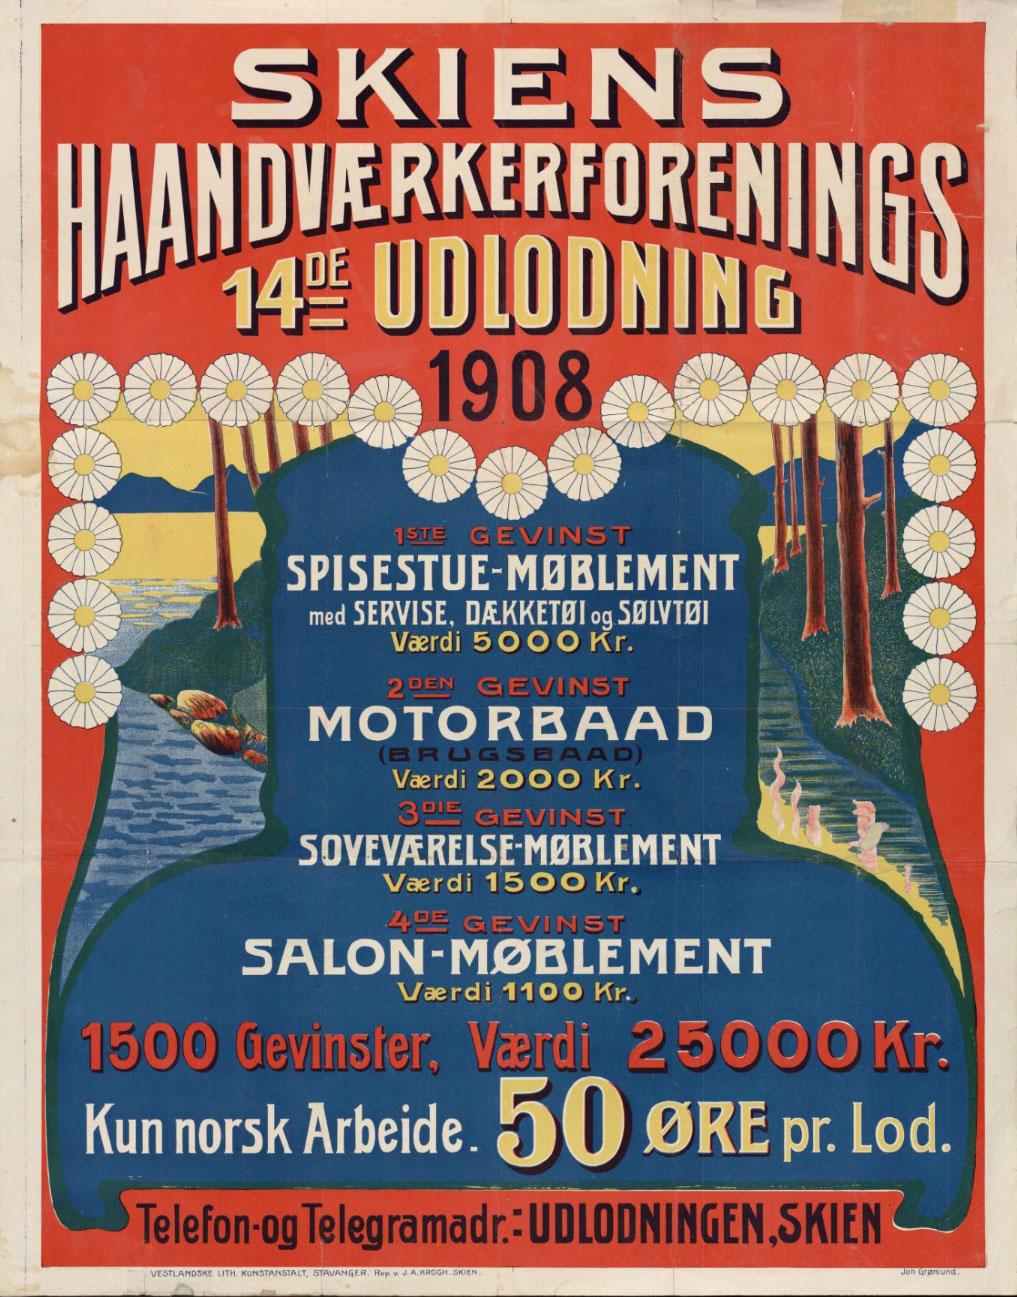 Fargerik plakat med mye tekst, om lotteriet til Skiens Handværkerforening i 1908